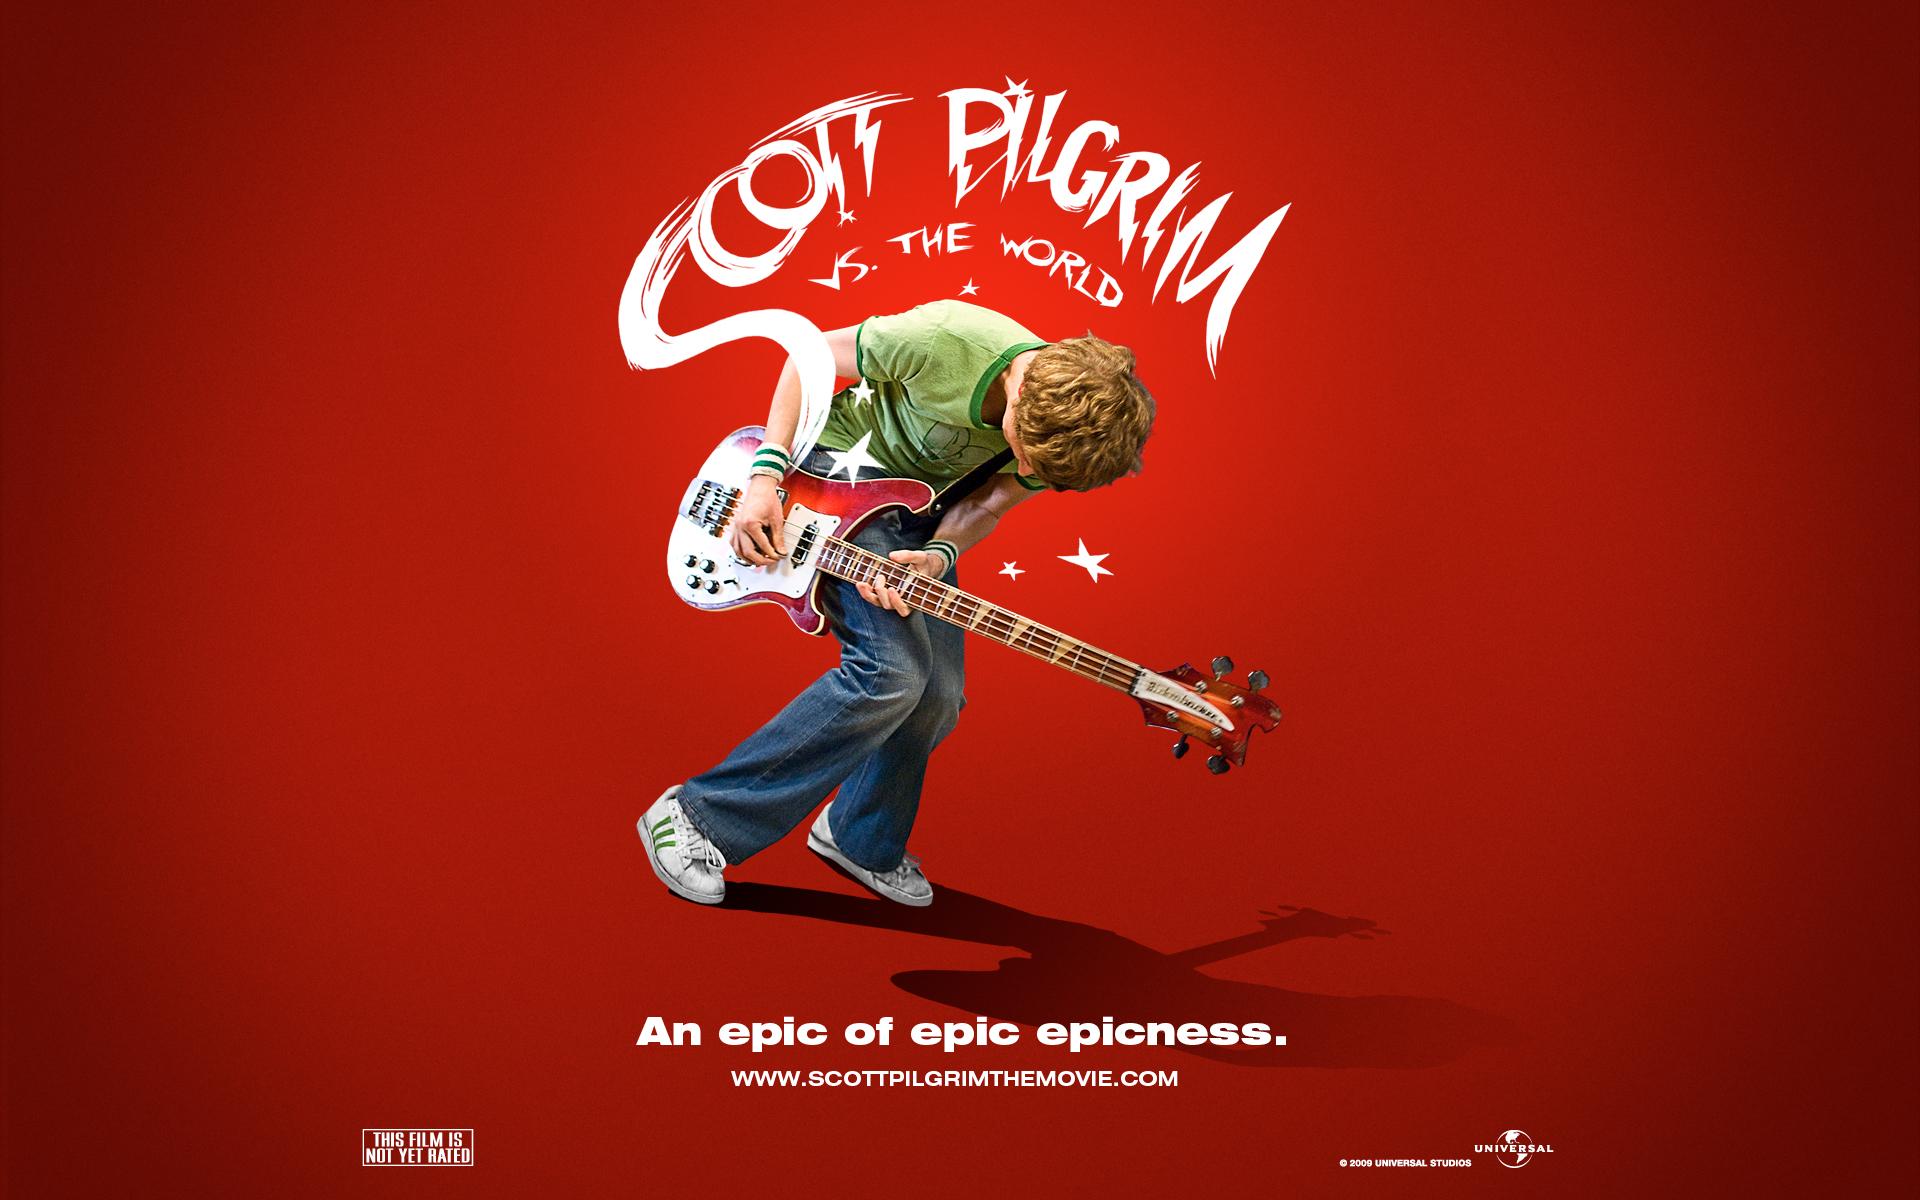 scott_pilgrim_vs_the_world_teaser_poster_wallpaper_01